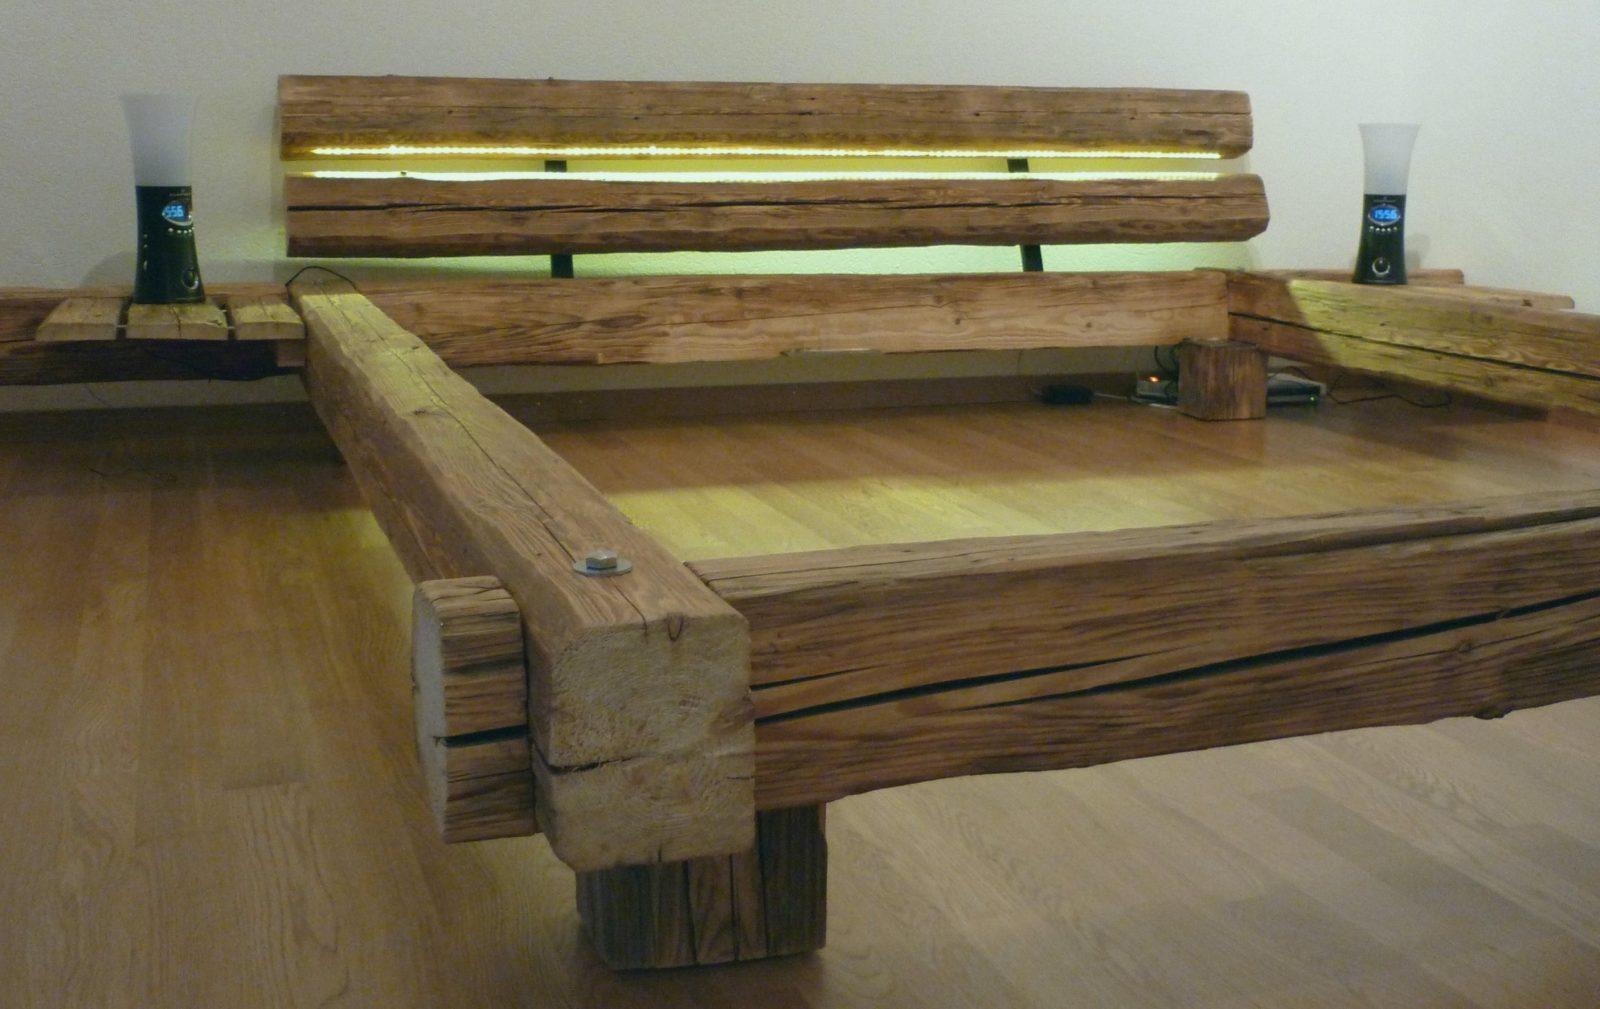 Bett Selber Bauen Einfach 90X200 Hochbett Selber Bauen Mit Ikea Bett von Hochbett Selber Bauen 90X200 Bild